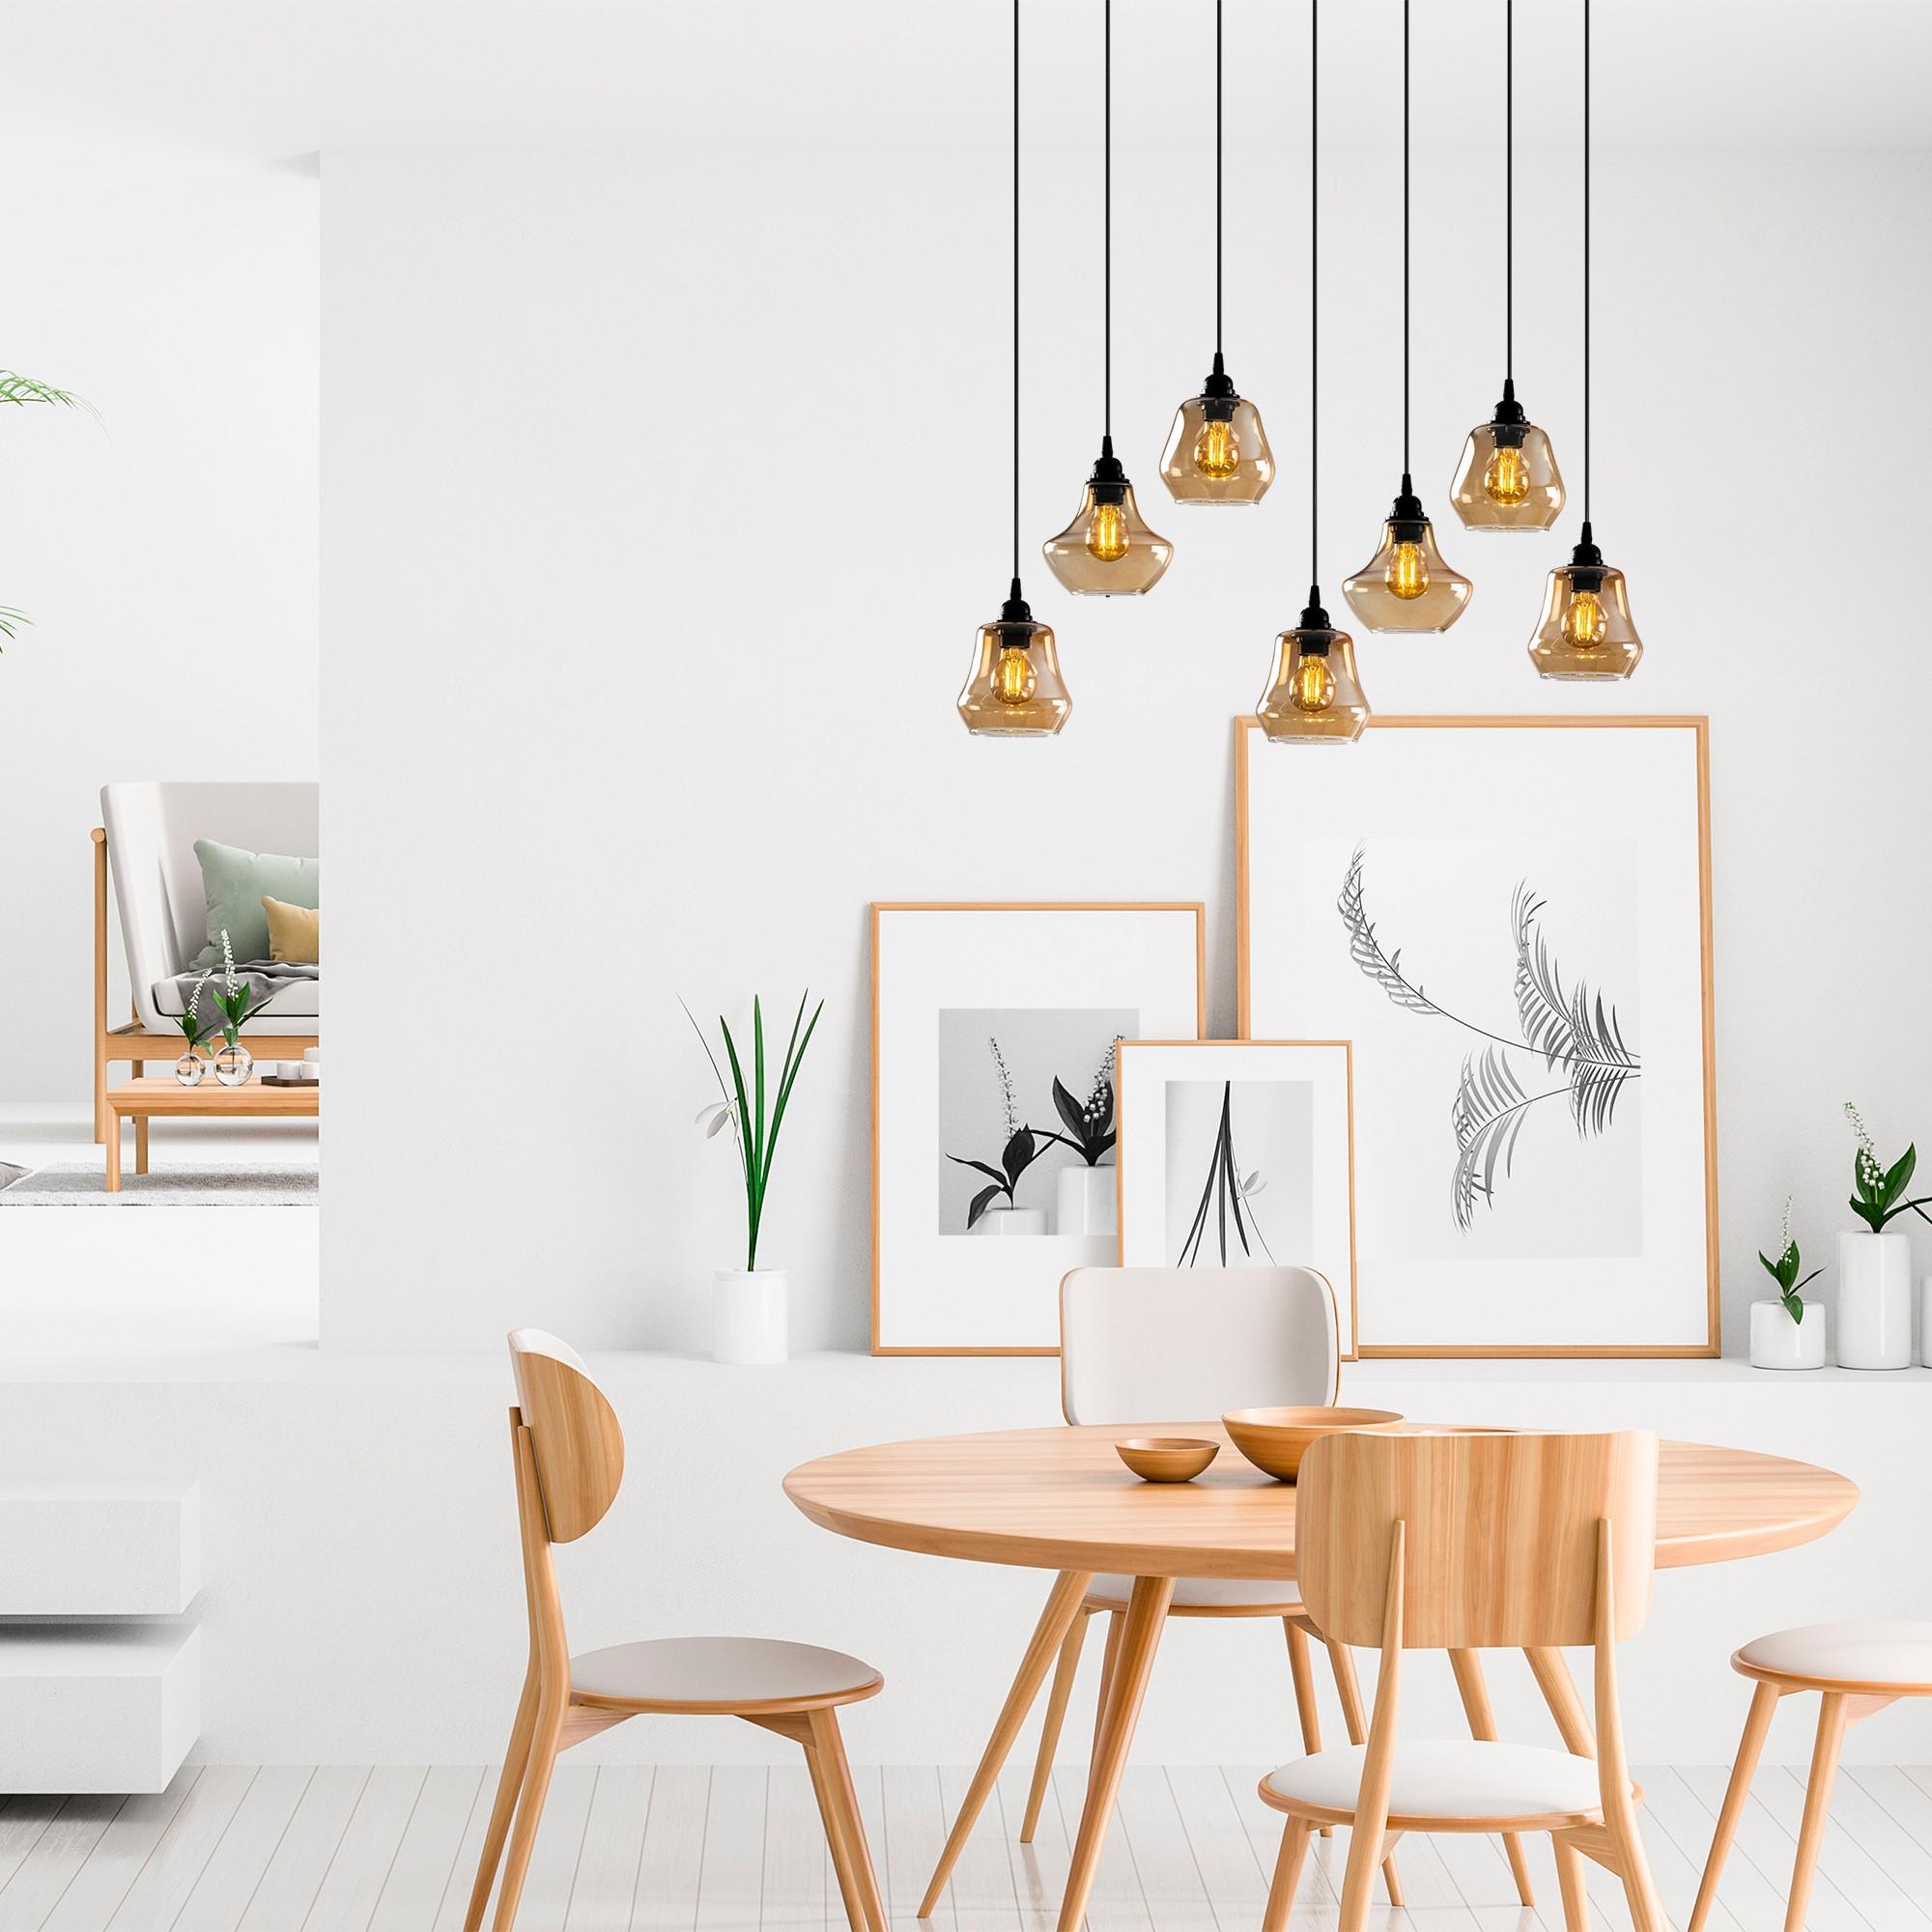 Hanglamp langwerpig modern, gouden glas E27 fitting 7 x - inrichting